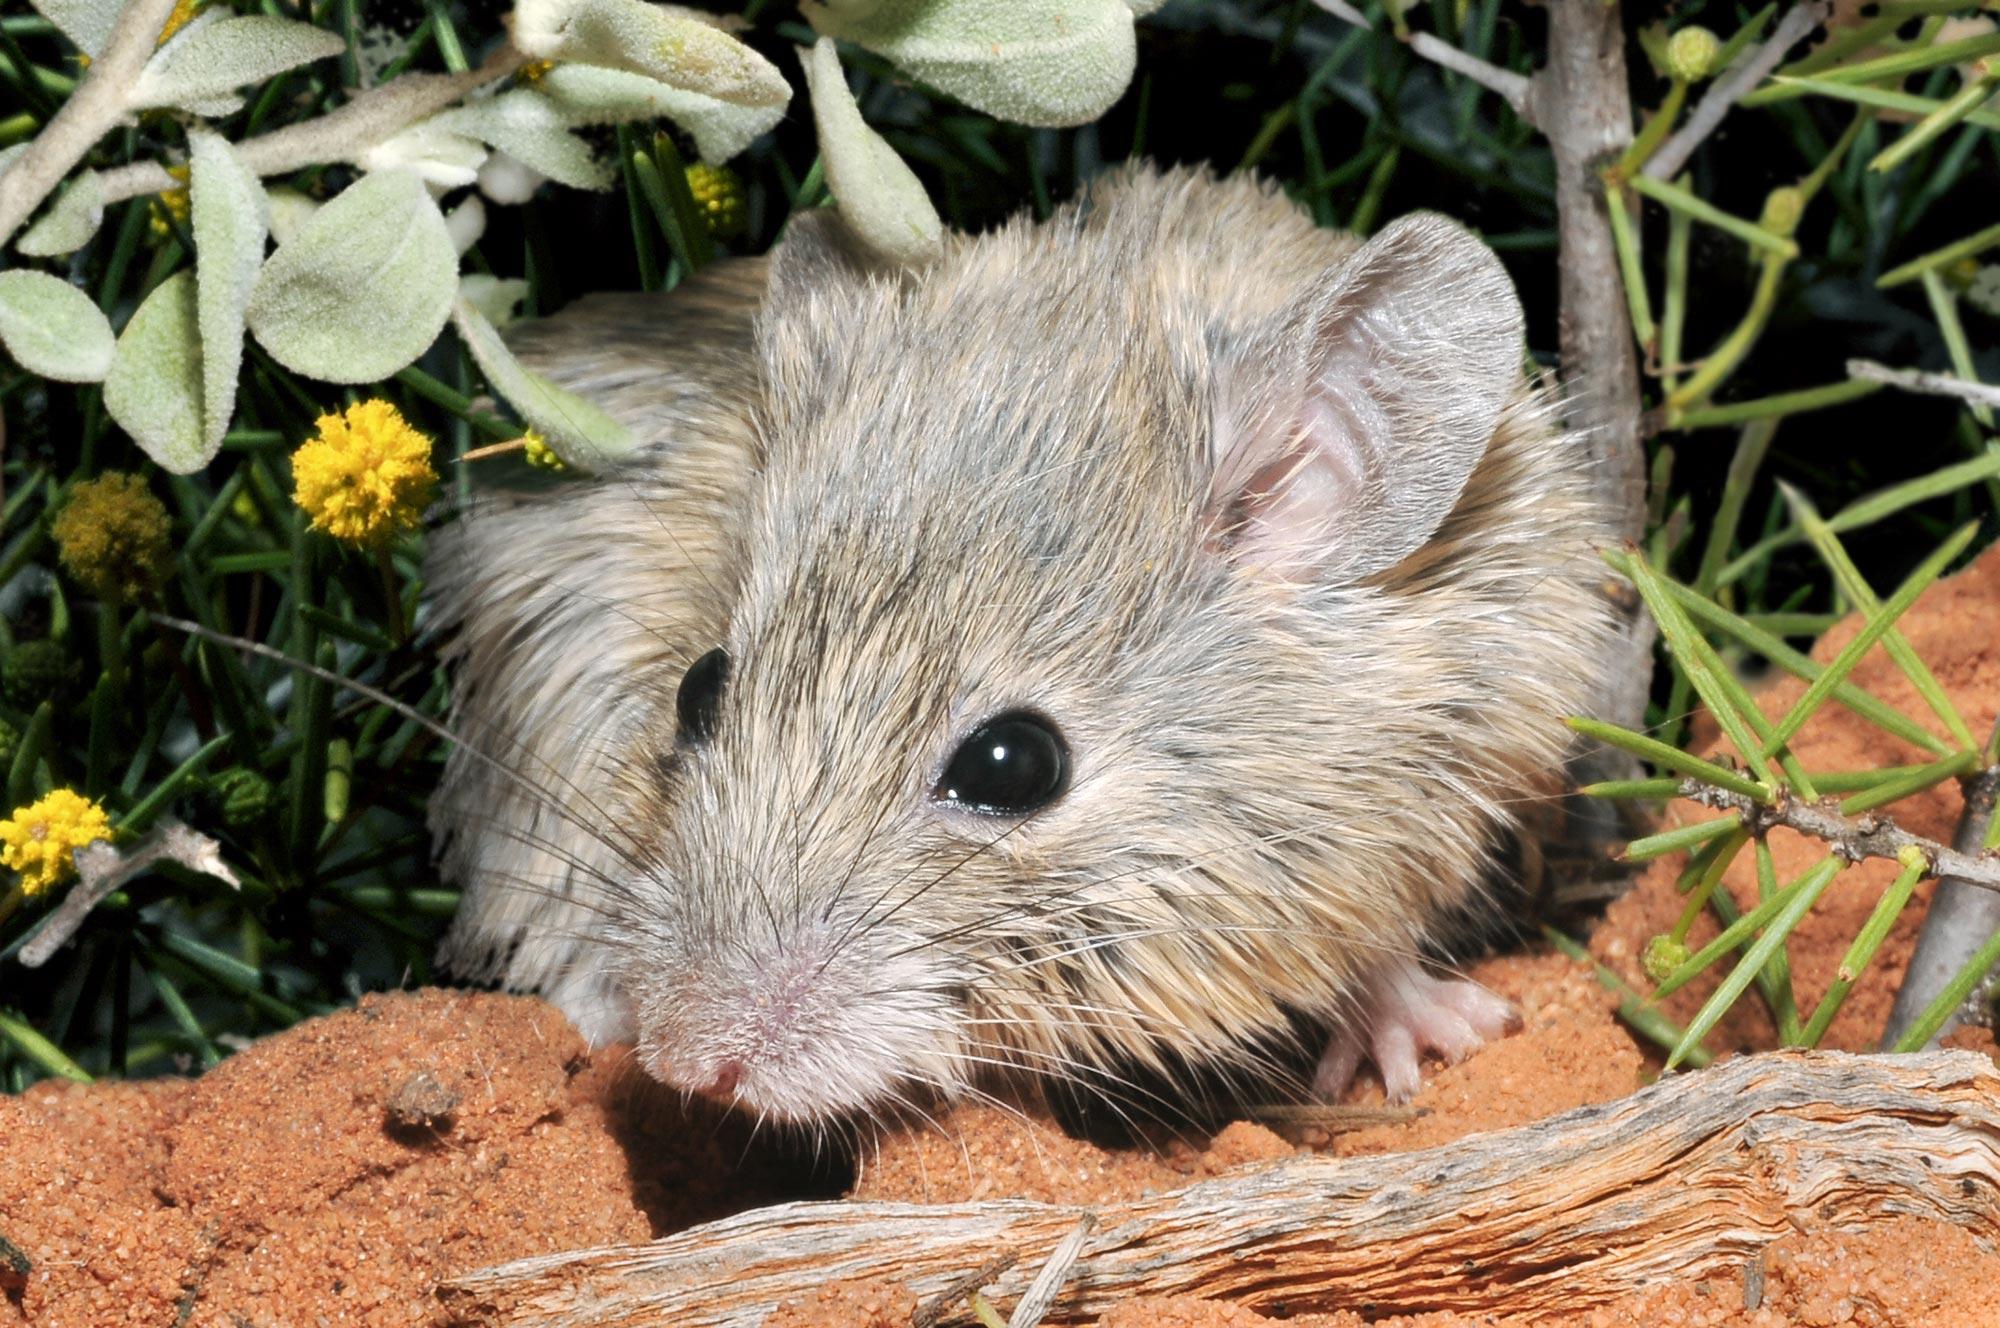 Считавшуюся вымершей австралийскую мышь переоткрыли спустя 160 лет